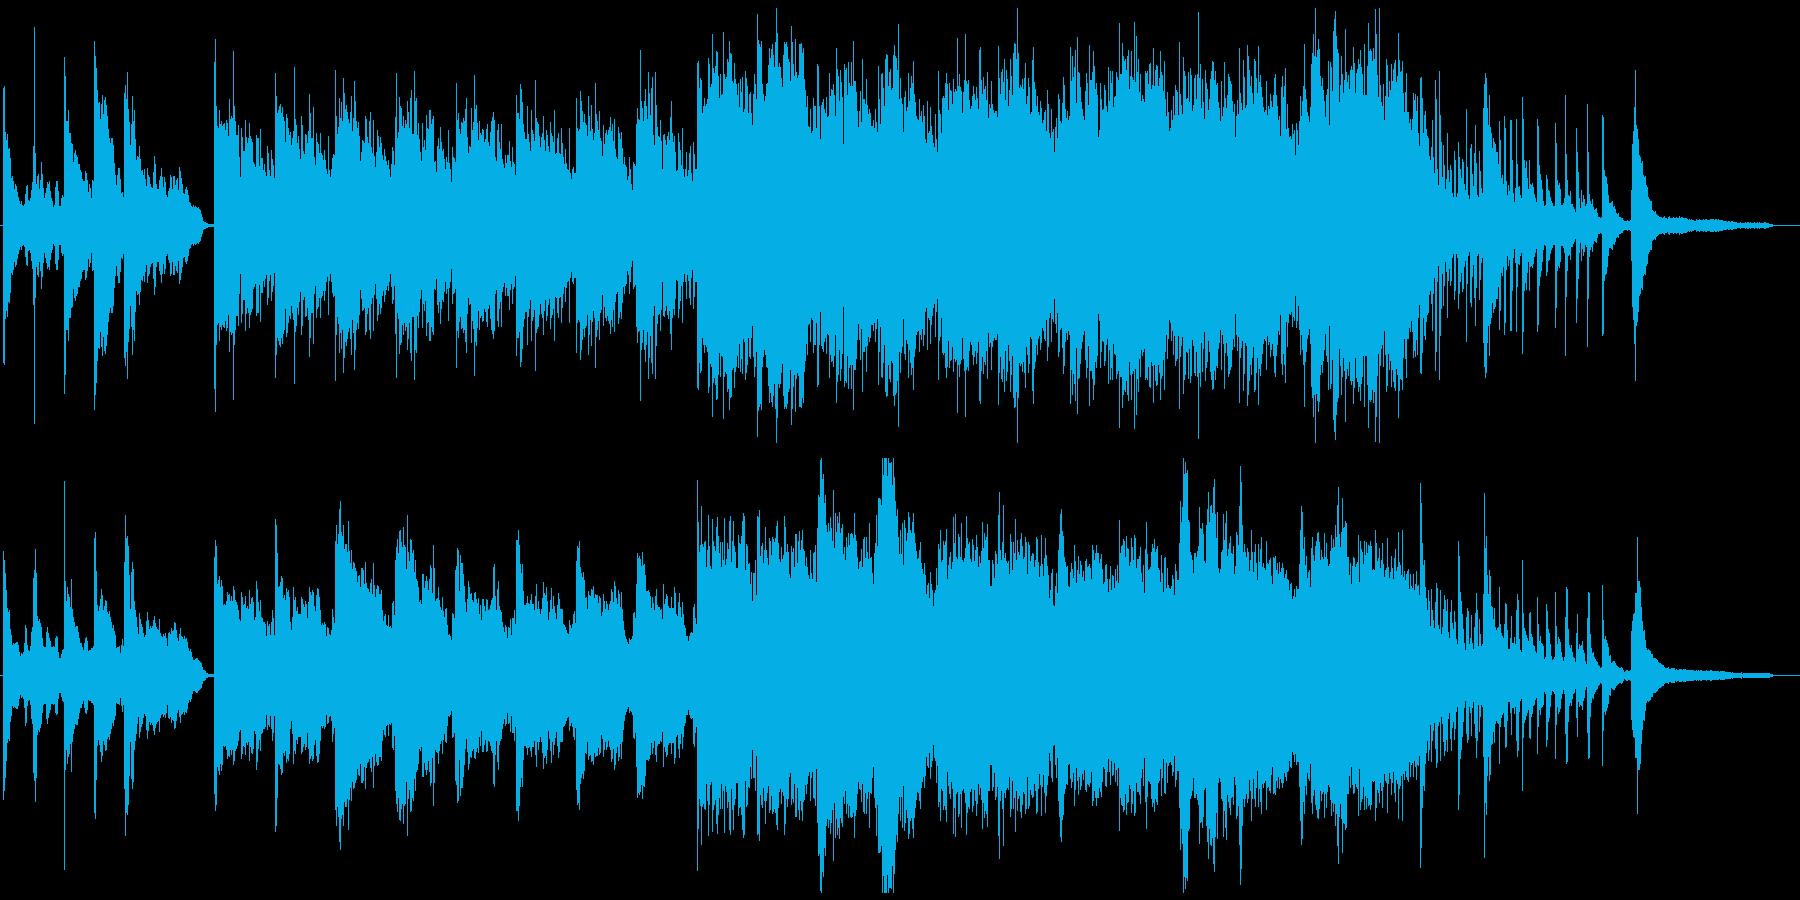 ピアノとストリングスが奏でる感動的な曲の再生済みの波形